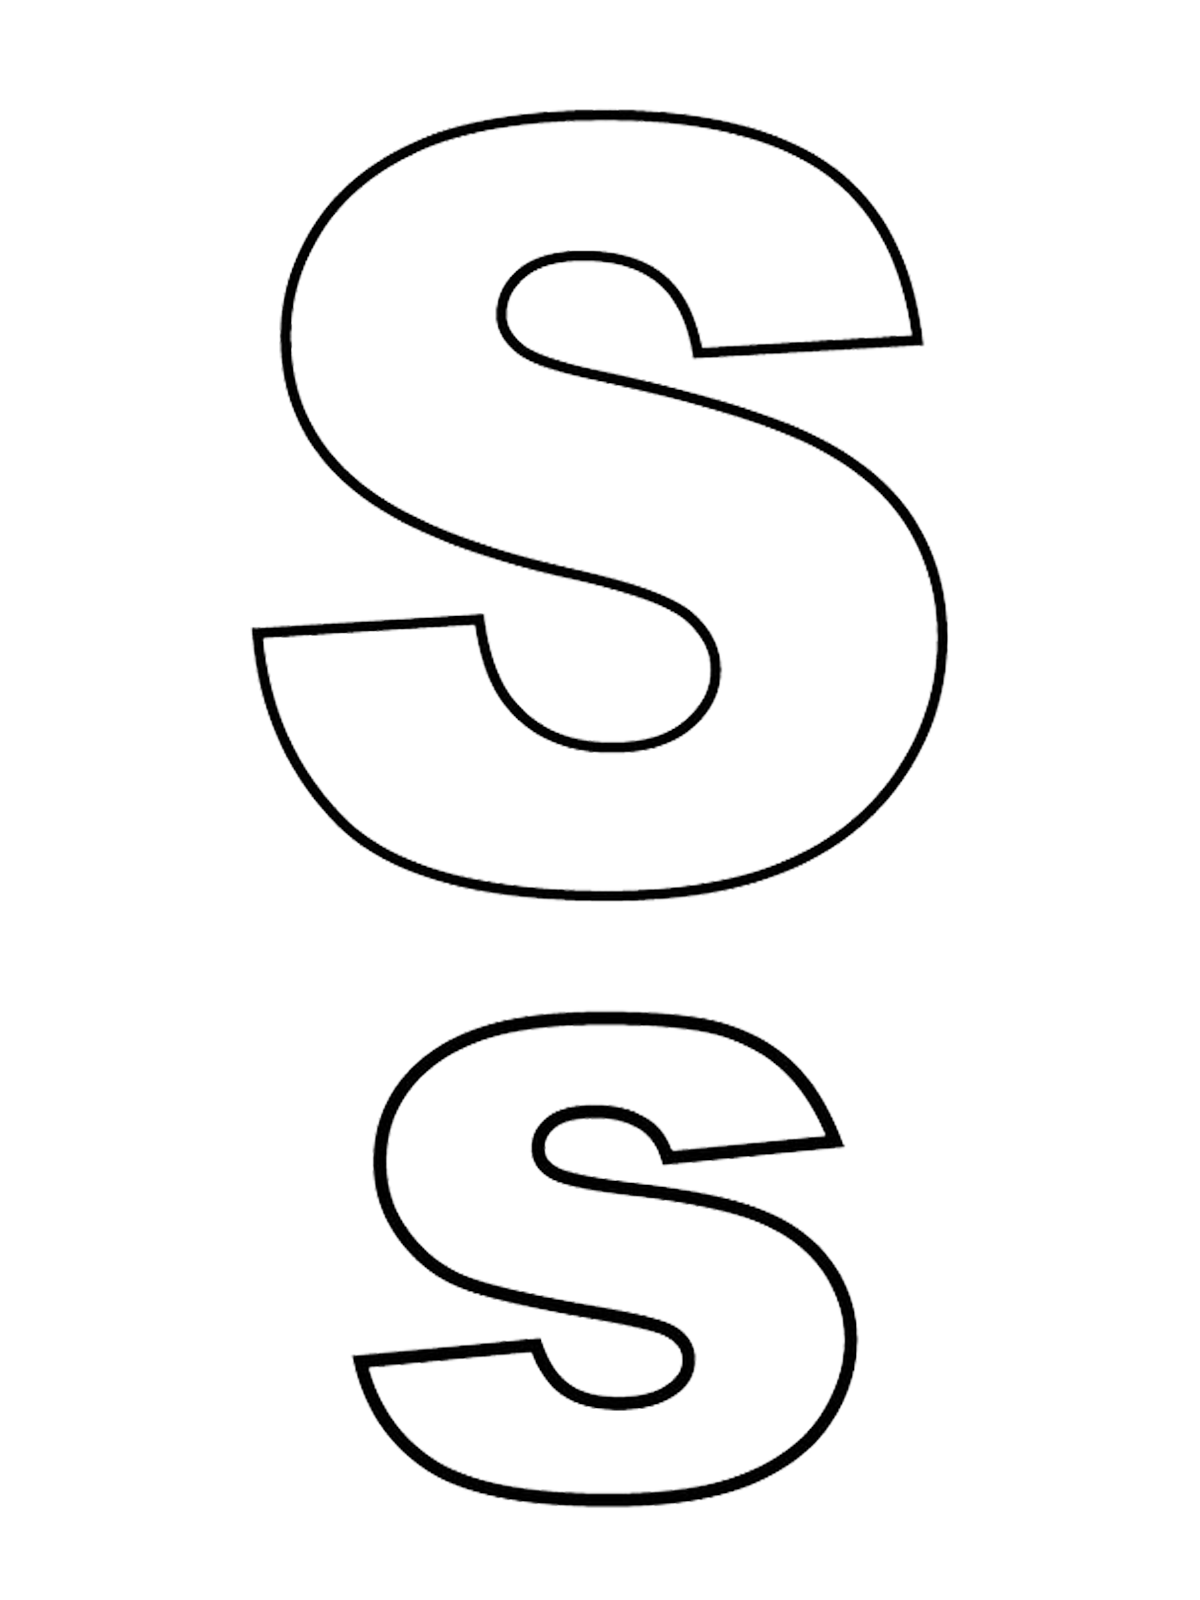 Lettere E Numeri Lettera S Stampato Maiuscolo E Minuscolo